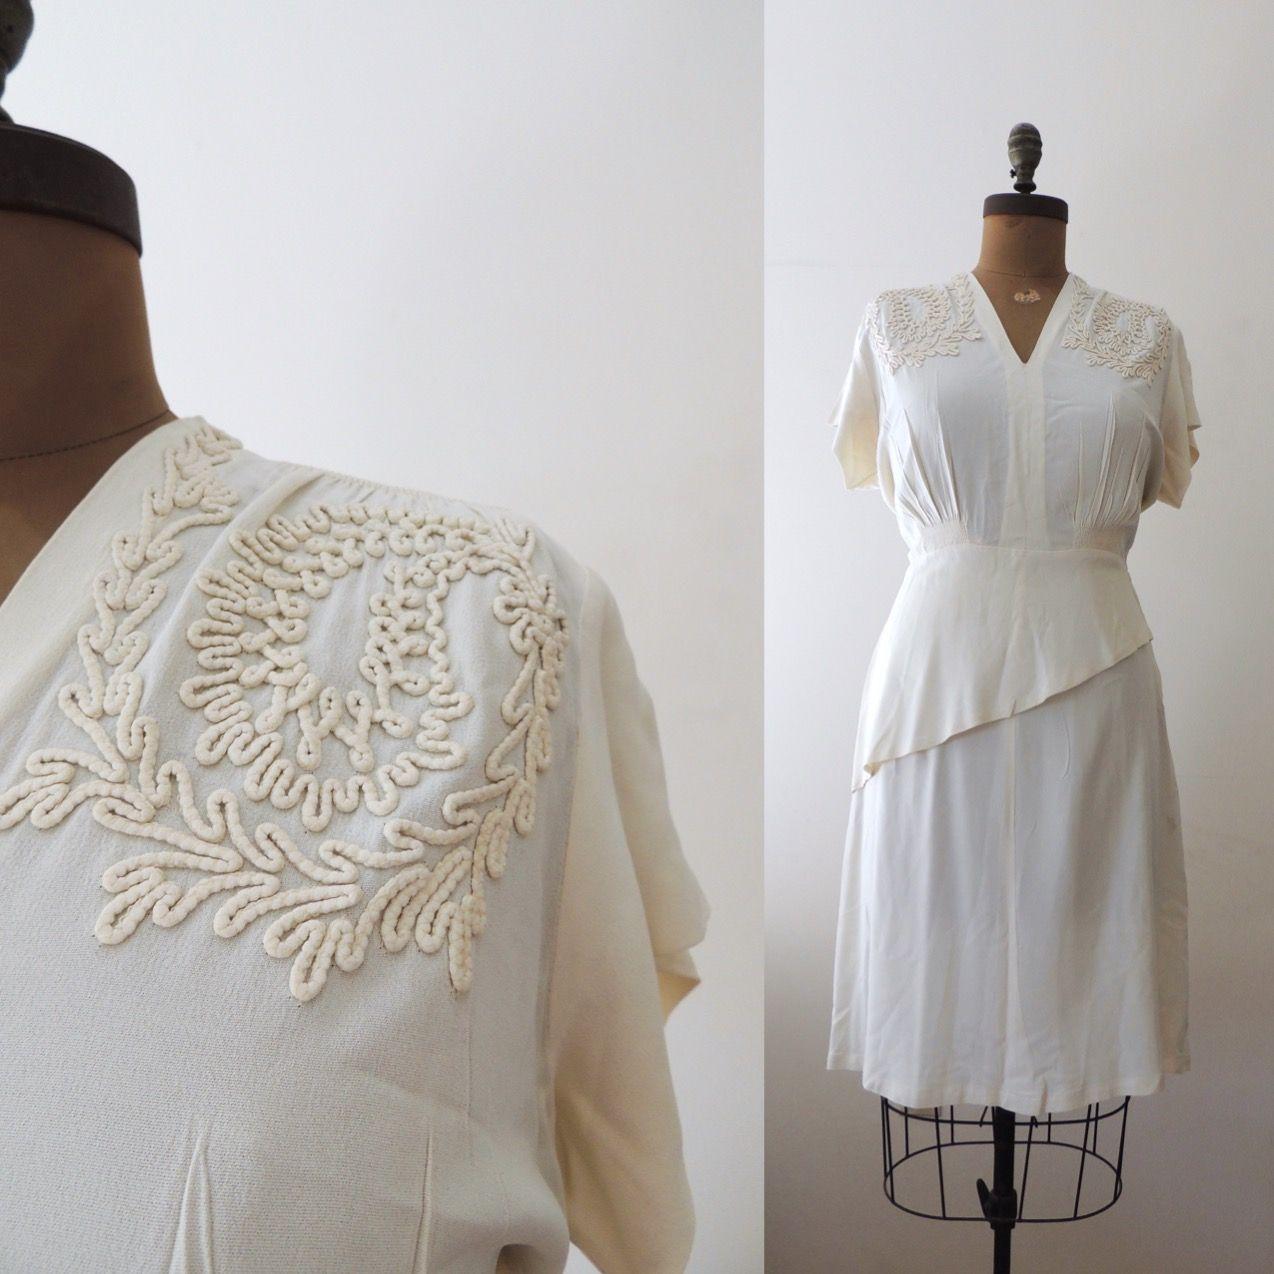 RESERVED - Do not buy | Vintage kleider, Vintage und Kleider